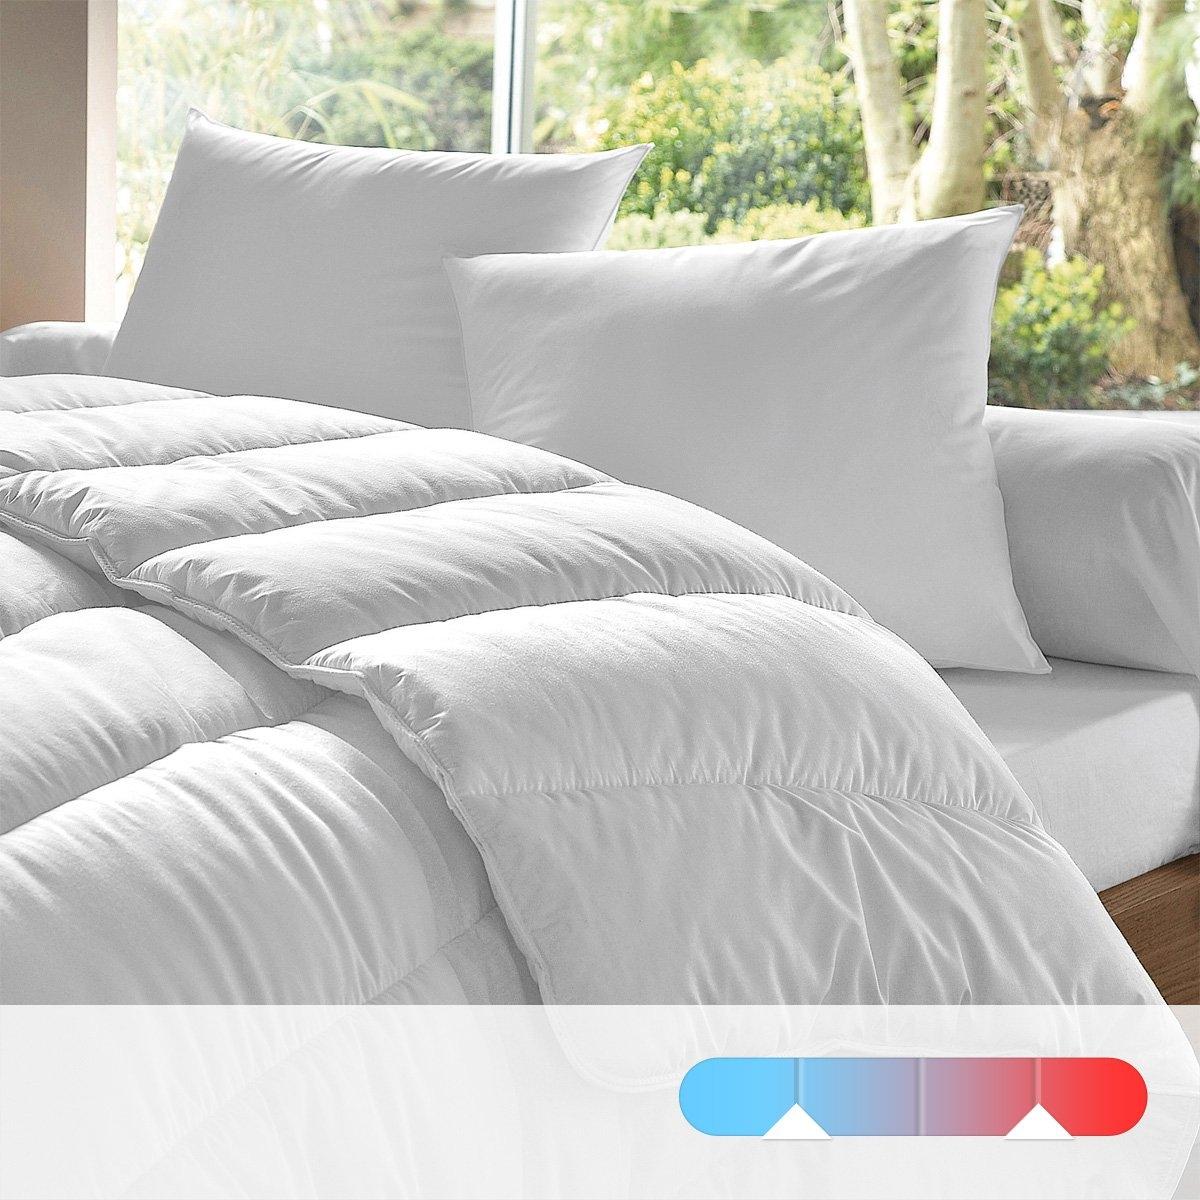 Одеяло двойное 4 сезона, 100% полиэстера, качество standardВнешняя часть из микрофибры 50% хлопка, 50% полиэстера, 80 г/м?, 68 нитей/см?, 100% полиэстера. Прострочка в линию. Отделка байкой с двойной прострочкой для укрепления. Стирка при 60°. Поставляется в чехле-чемоданчике.<br><br>Цвет: белый